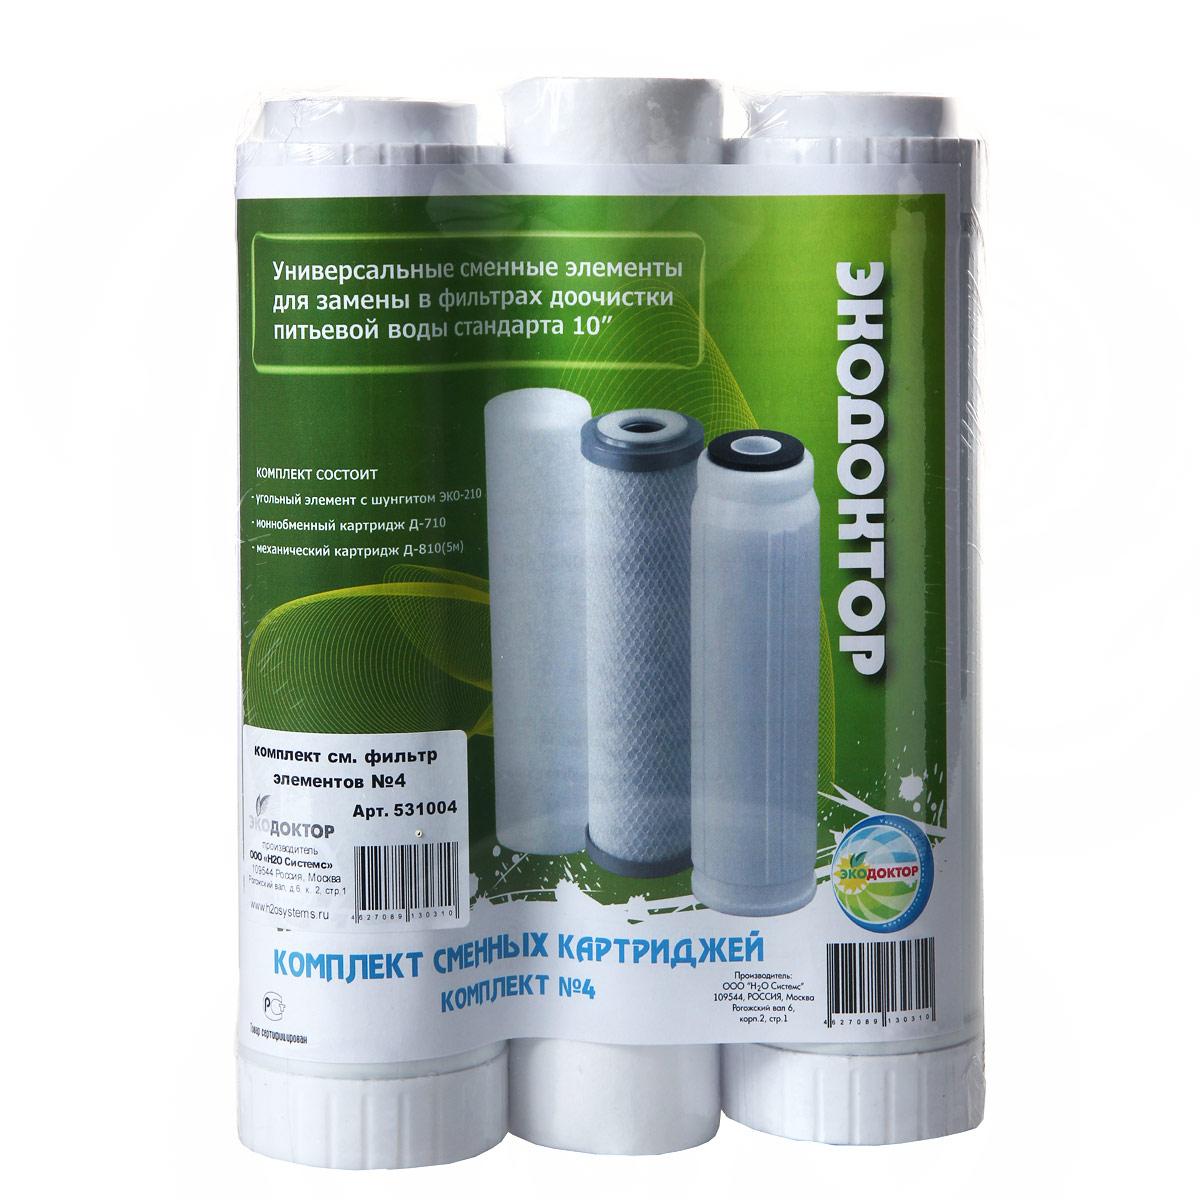 Комплект картриджей ЭкоДоктор №4531004Комплект картриджей ЭкоДоктор №4 предназначен для замены исчерпавших свой ресурс картриджей в стационарных трехступенчатых фильтрах.Состав комплекта:Д-810(5М) – Картридж состоит из полипропиленового волокна для задержки механических частиц в воде;ЭКО-210 – Картридж состоит из из высококачественного активированного угля и шунгита. Предназначен для удаления из воды: органических соединений 80%, хлора 90%, катионов тяжелых металлов 70%. Улучшает вкус водыи удаляет неприятный запах воды.Д-710 – Умягчающий воду картридж с ионообменной смолой.Эффективность очистки:соли жесткости: 70%;взвешенные примеси: 95%;остаточный хлор: 90%;органические соединения: 93%;катионы тяжелых металлов: 80%;нефтепродукты: 70%.Комплект может применяться в трёхступенчатых стандартных фильтрах любых известных марок.Рекомендован в фильтры марки «Экодоктор» ЭКОНОМ-3, СТАНДАРТ-3,ЭЛИТ-3. Характеристики: Тип картриджей: 10 Slim Line Температура воды: 2-45 °С Размер картриджей: 25,4 см х 6,8 см. Размер упаковки: 26 см х 19 см х 7 см.